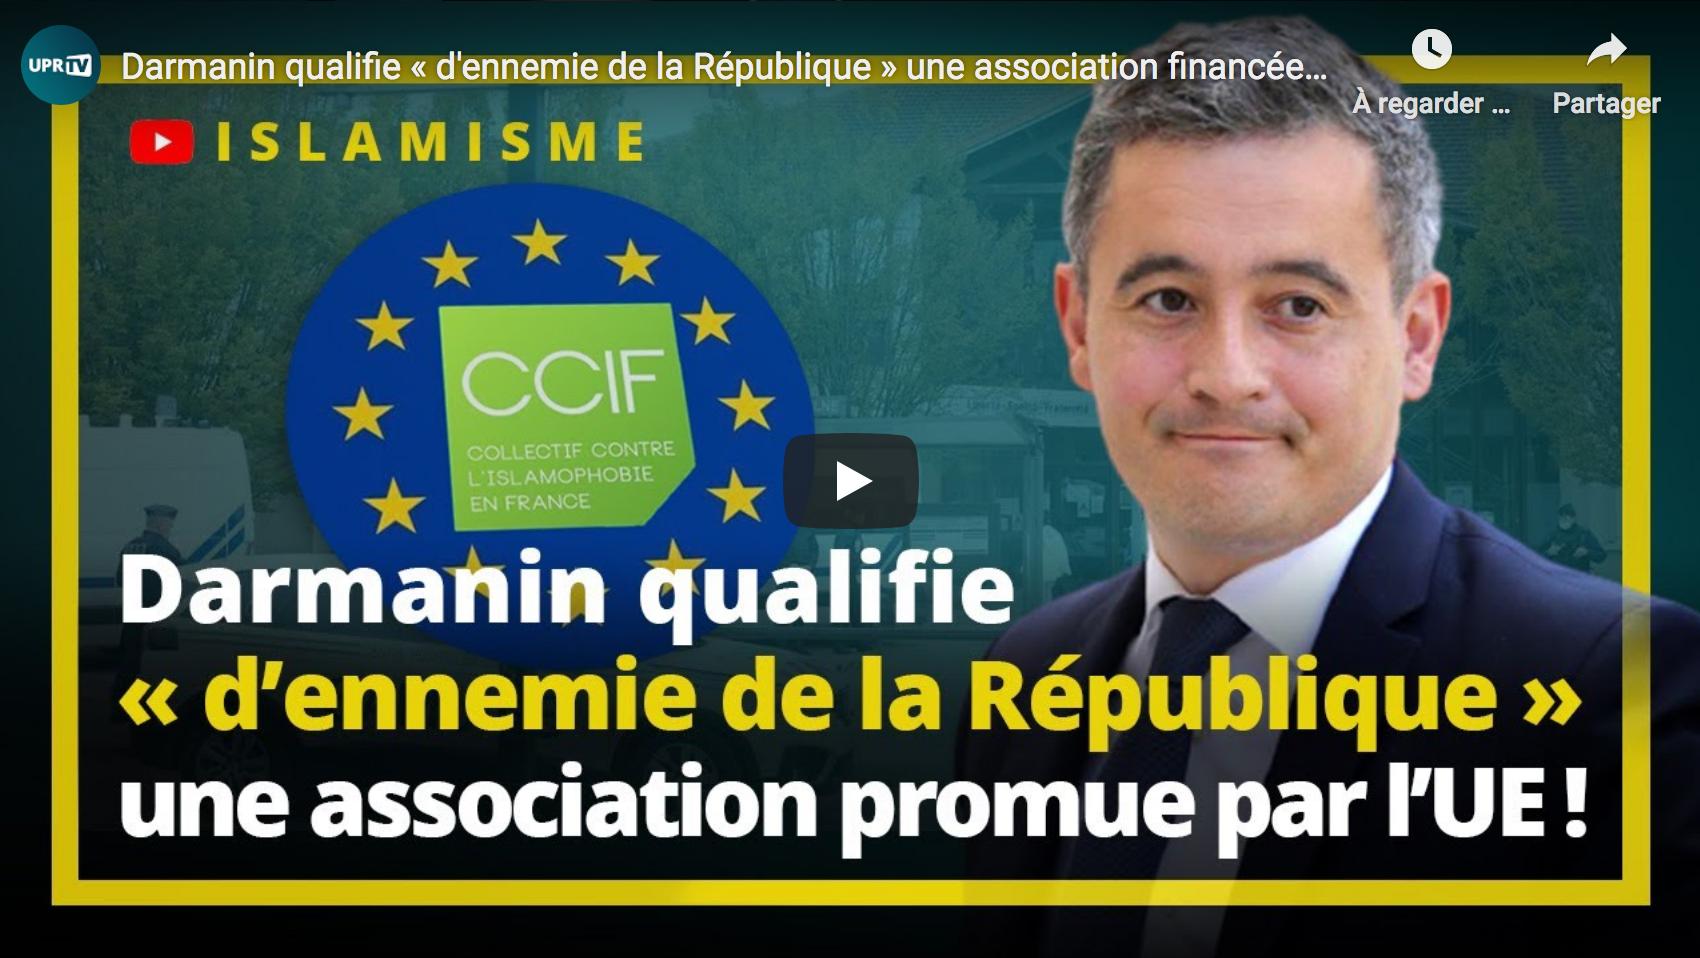 Gérald Darmanin qualifie « d'ennemie de la République » une association financée et promue par l'UE ! (François Asselineau)